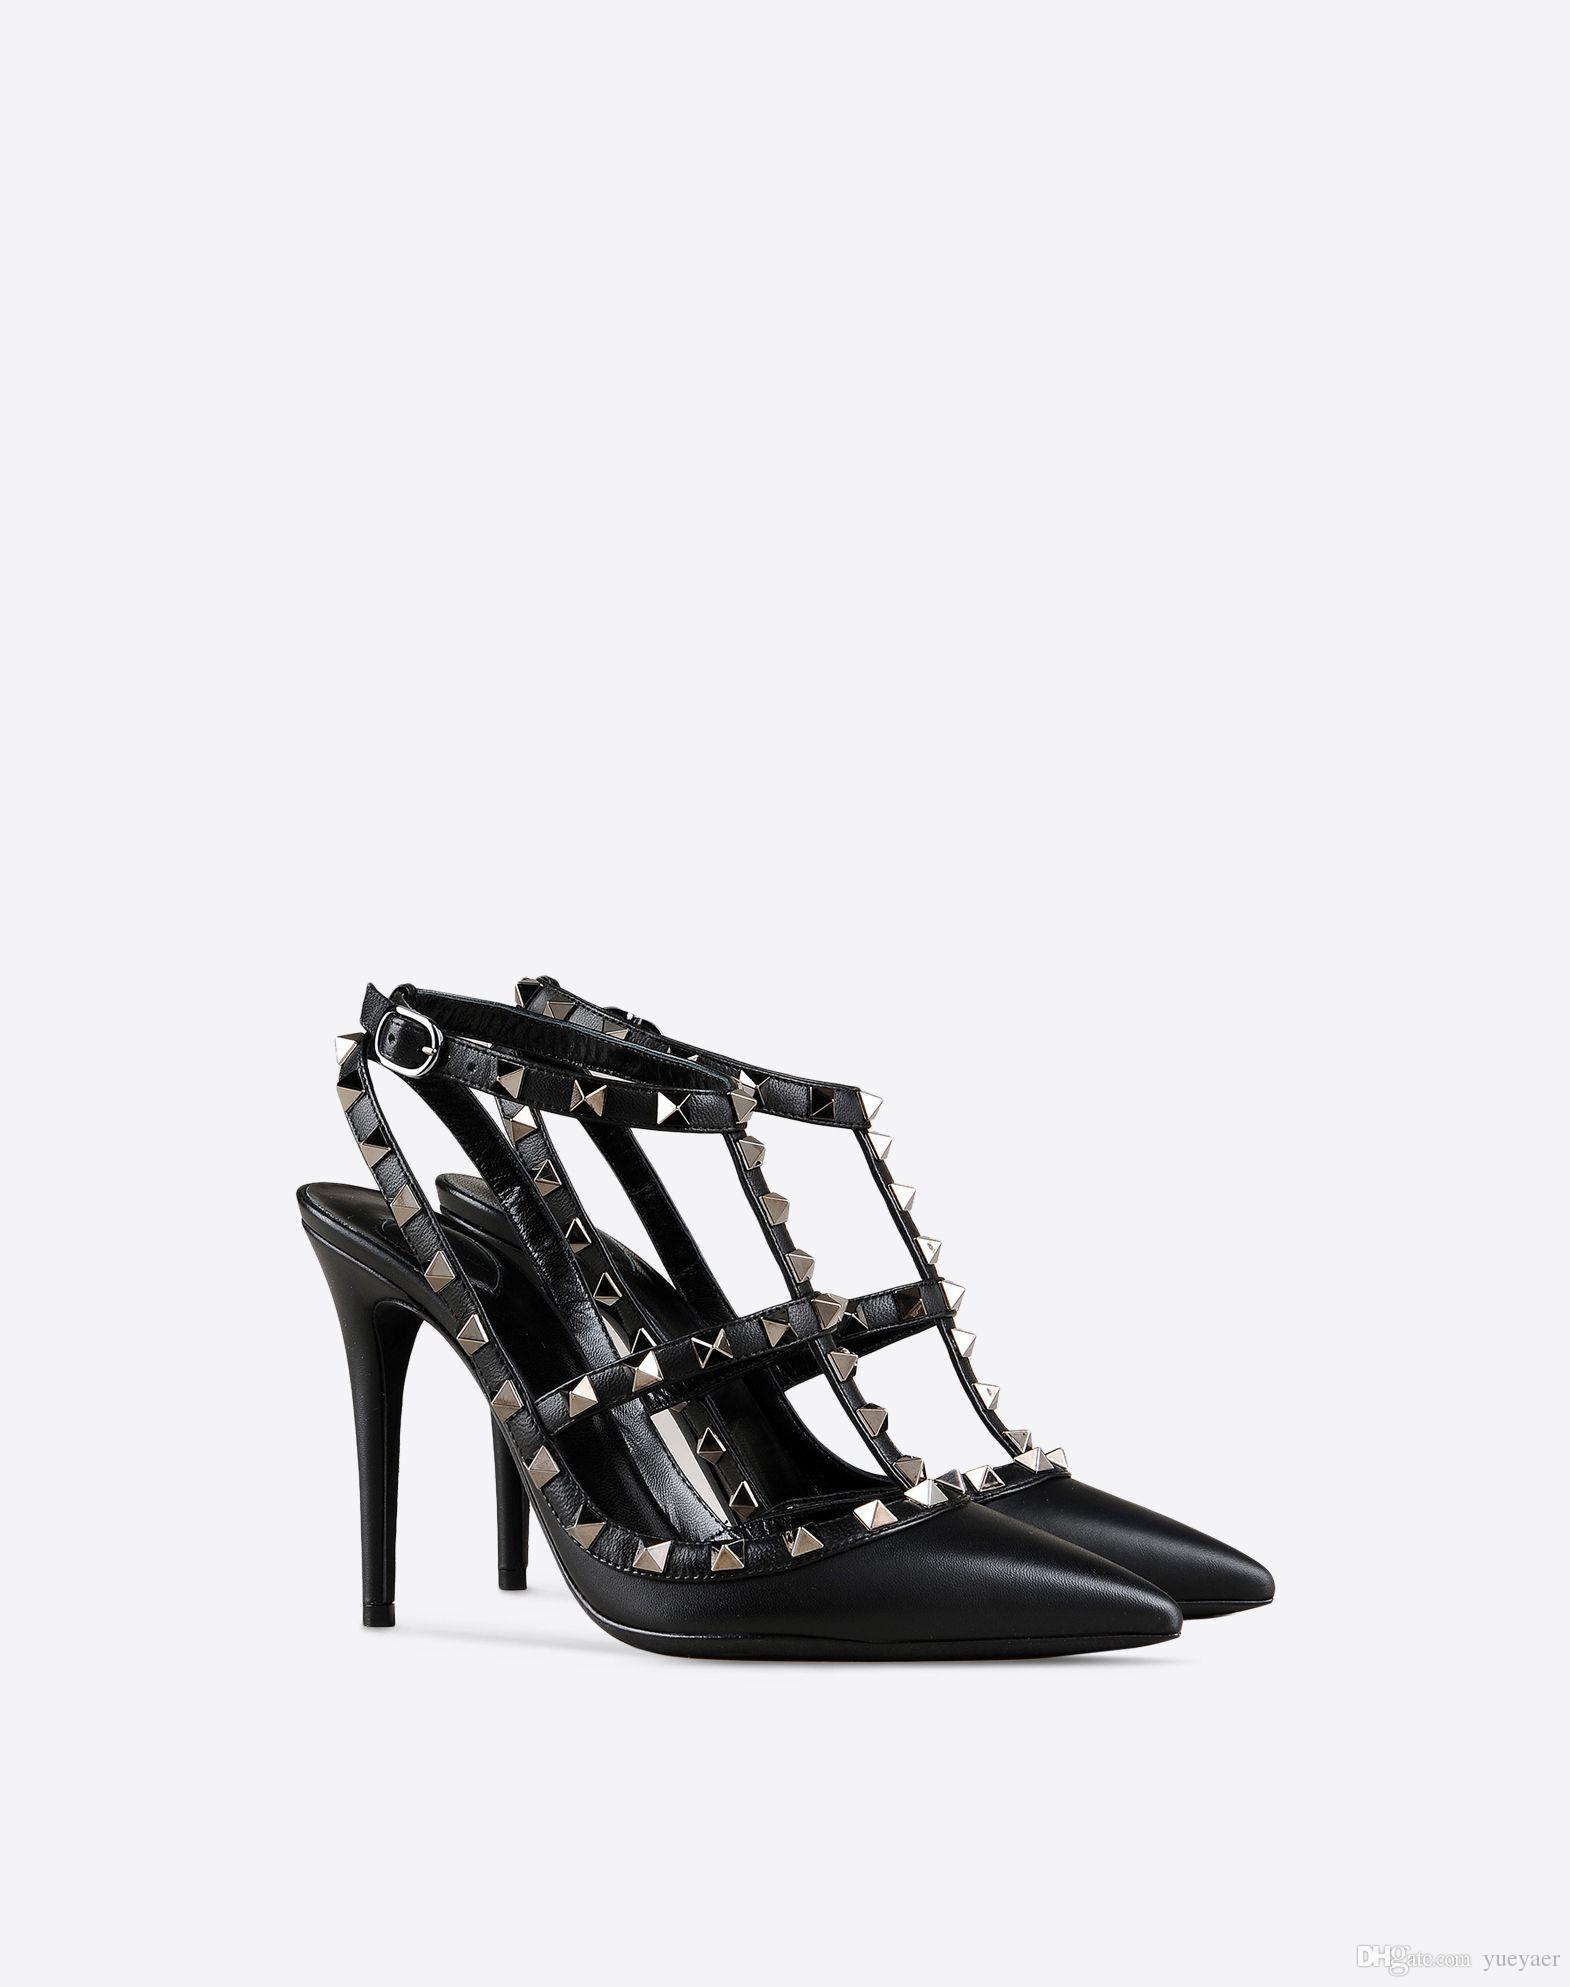 Zandina vendita calda donne fatti a mano moda 100 millimetri borchie j-cinghia a punta partito abito da sposa pompe tacco alto scarpe